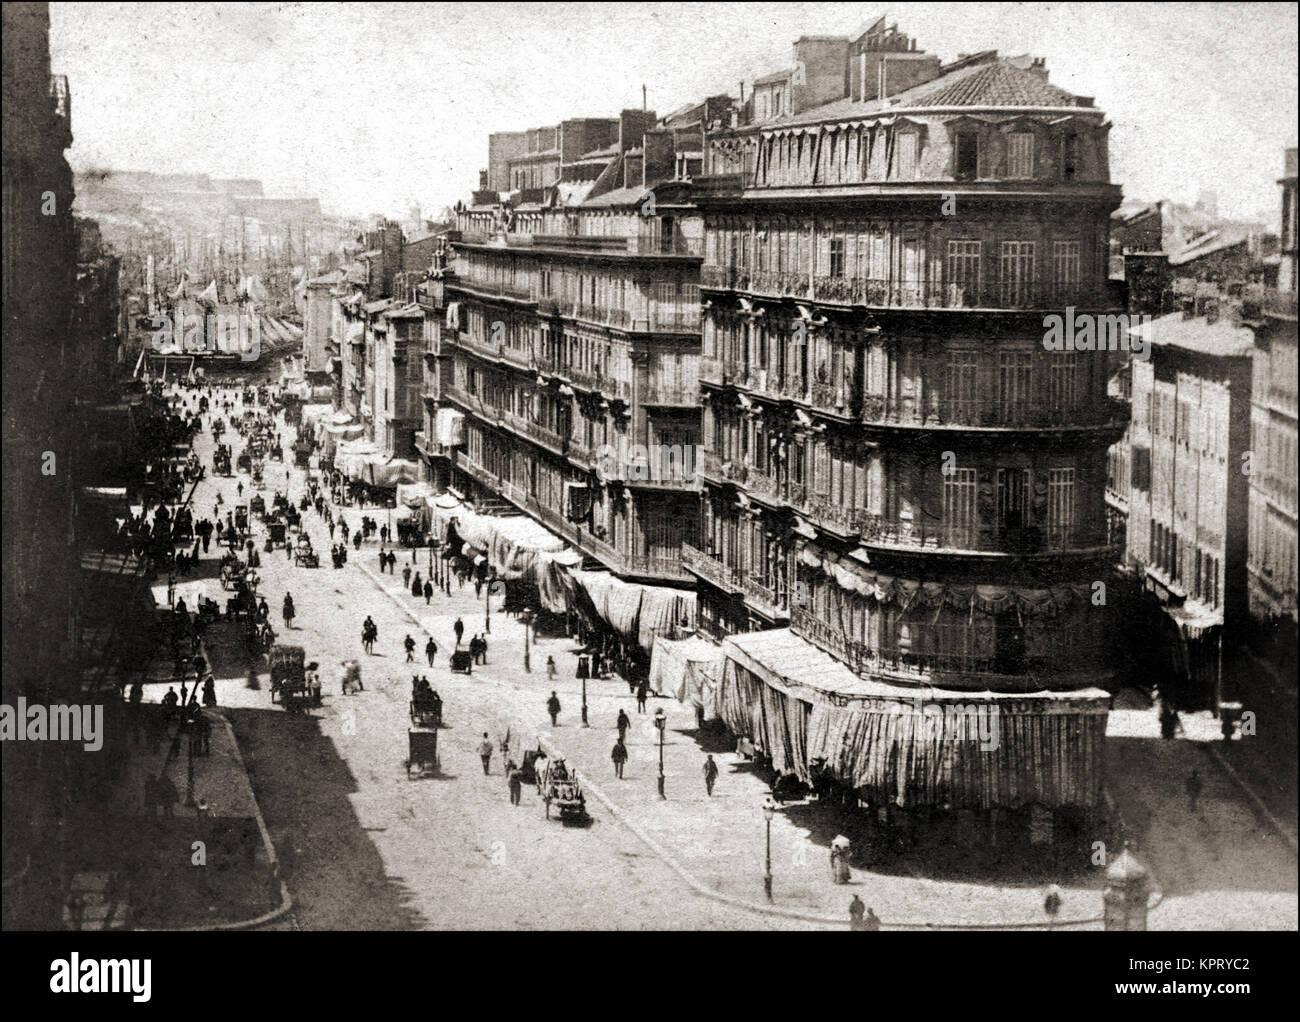 1860 y ajetreado puerto mediterráneo en el sur de Francia. Imagen De Stock